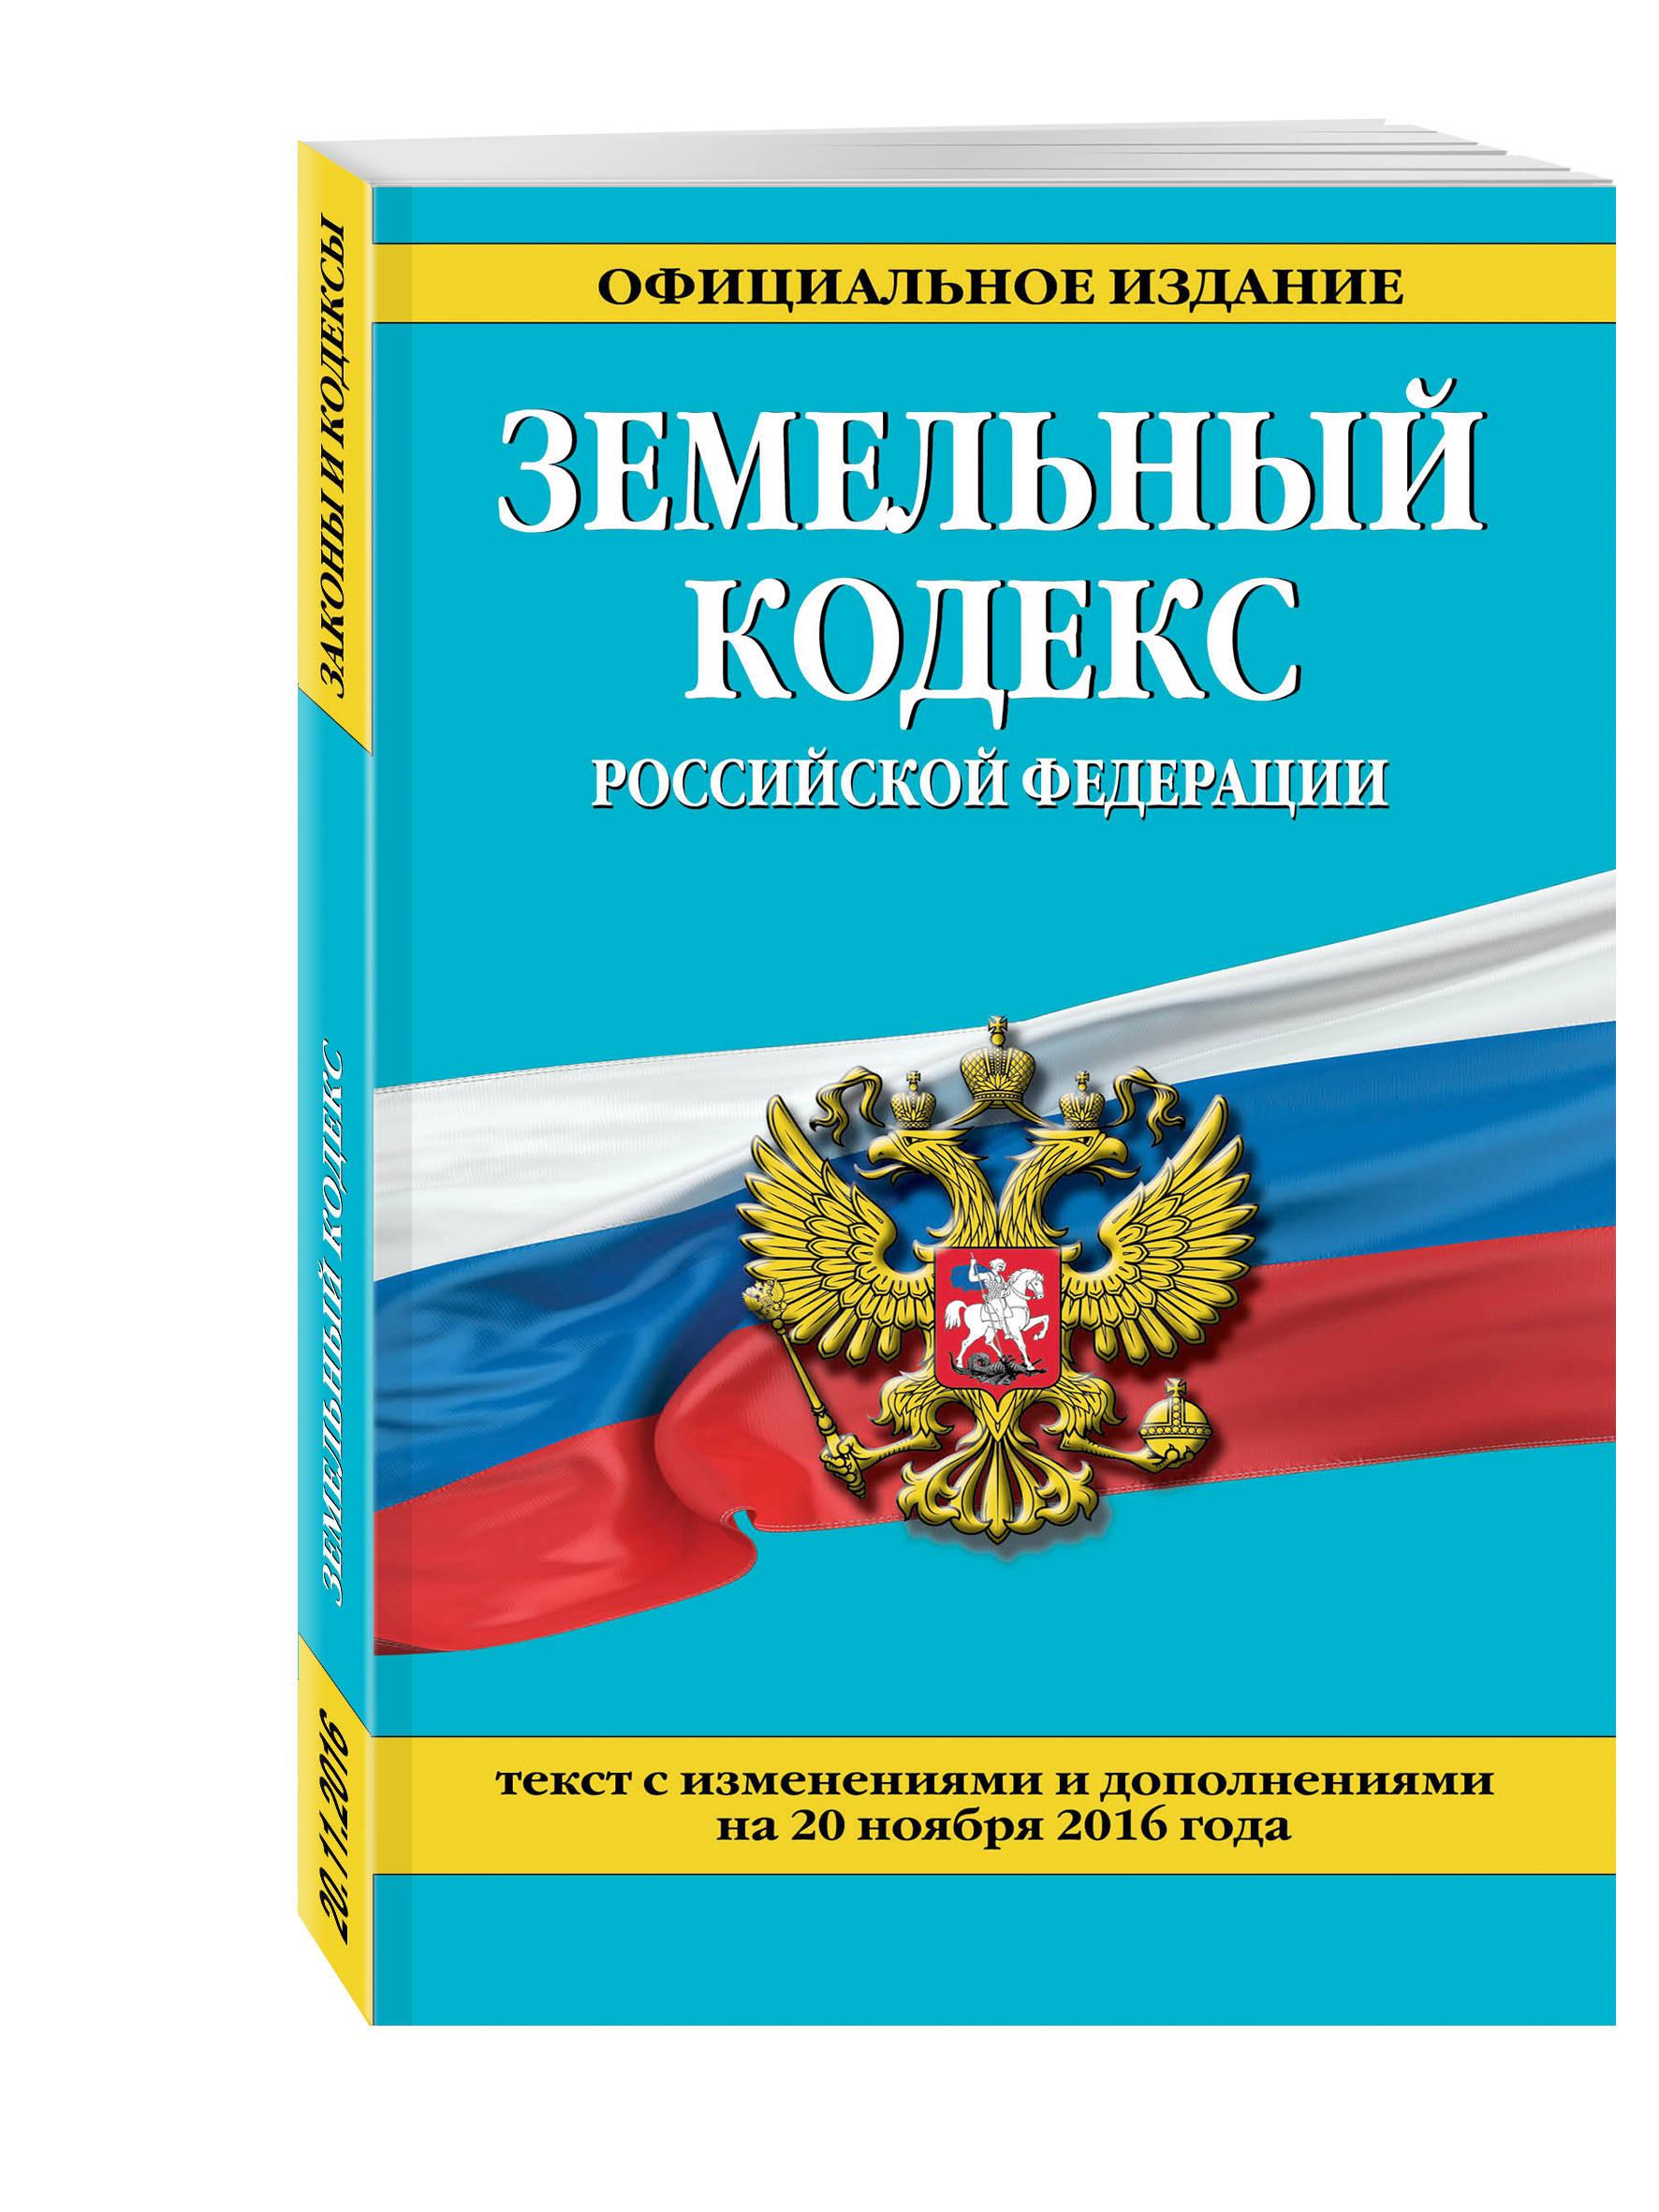 Земельный кодекс Российской Федерации : текст с изм. и доп. на 20 ноября 2016 г. куплю земельный участок по рогачевскому ш